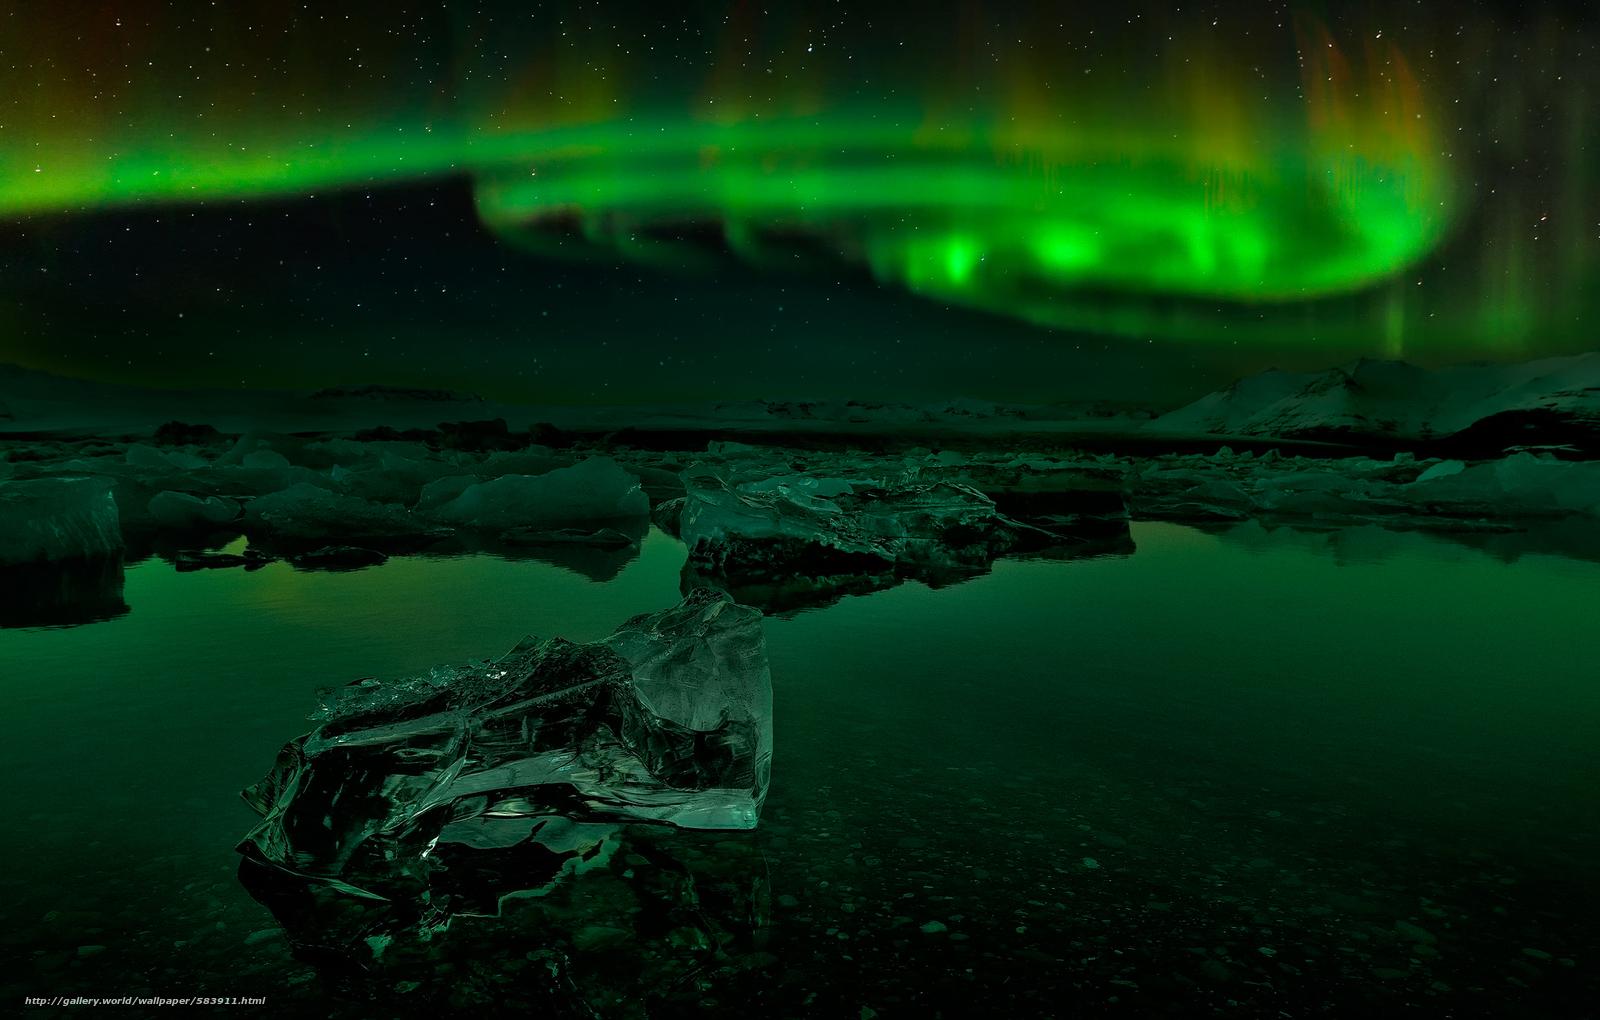 壁紙をダウンロード 夜 アイスランド オーロラ デスクトップの解像度のための無料壁紙 48x1306 絵 5911